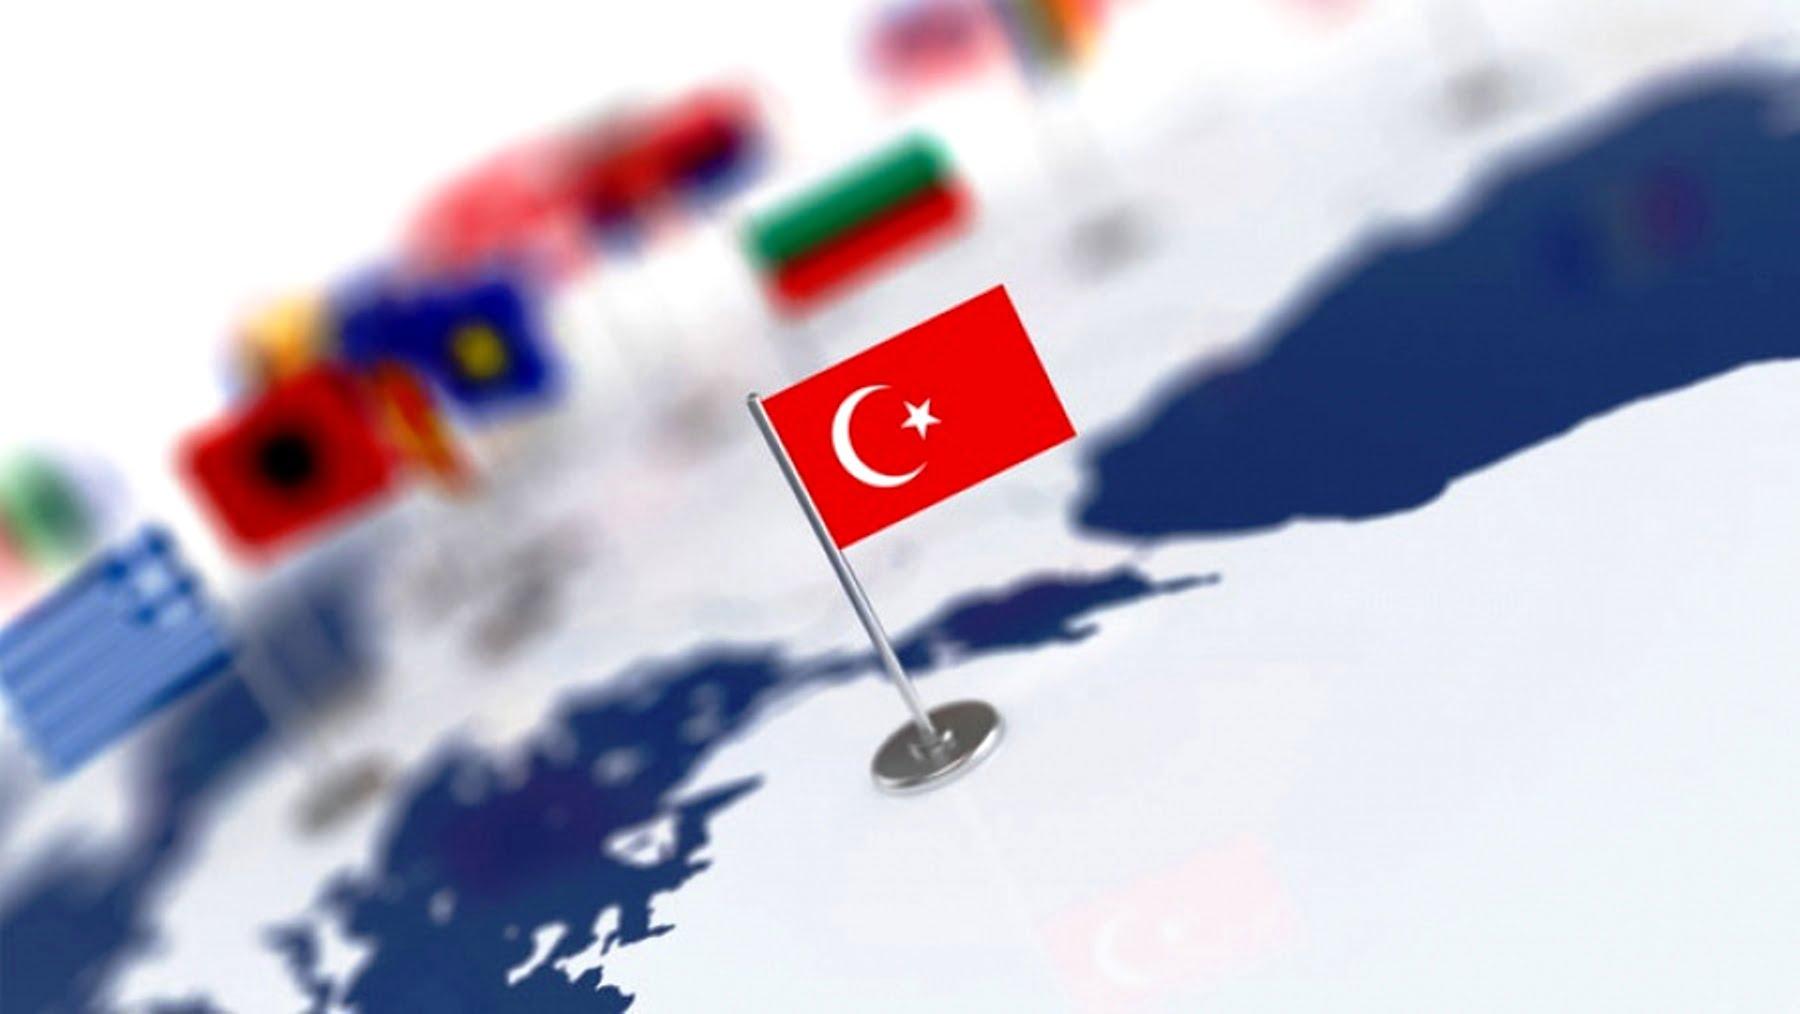 Γιατί η Τουρκία χρειάζεται μία νέα κρίση στην Μεσόγειο με την Ελλάδα -  Infognomon Politics